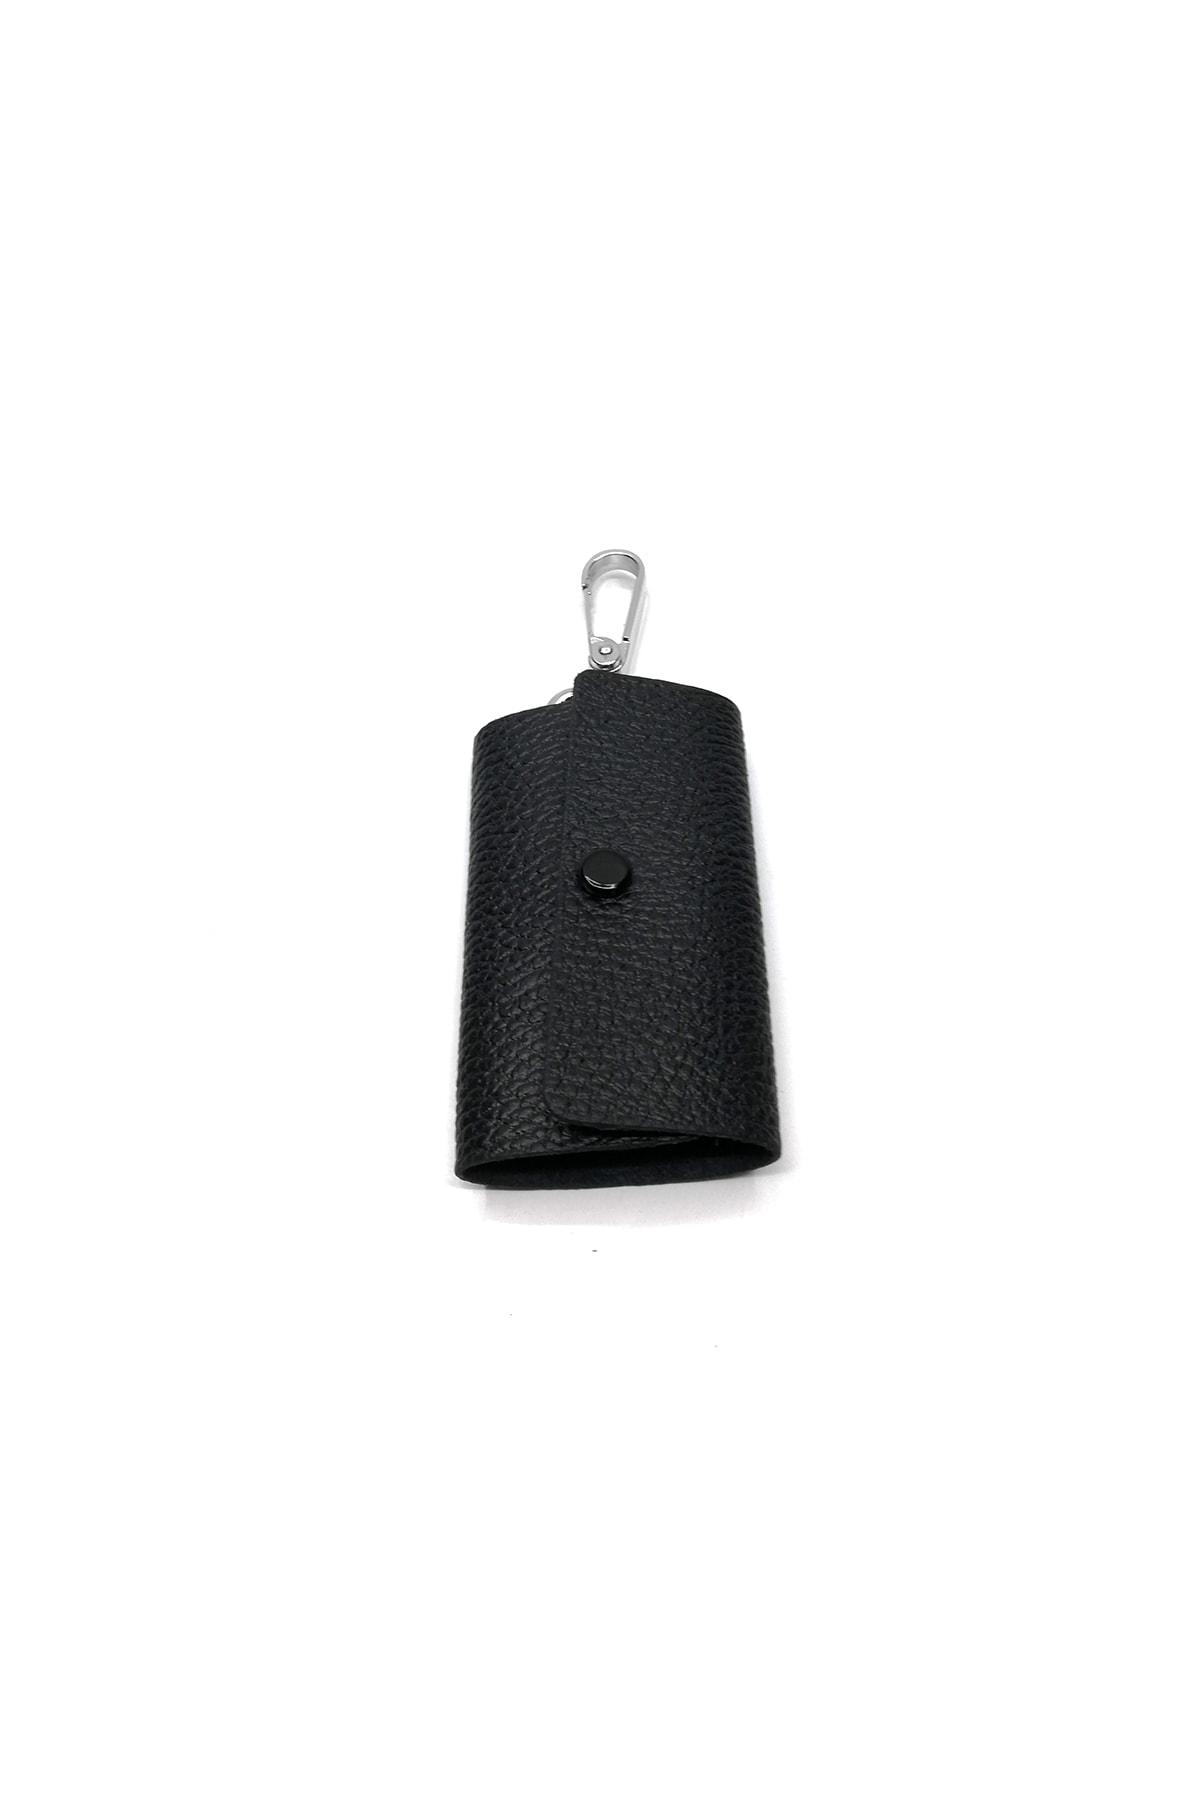 Cascades Leather %100 Hakiki Deri Siyah Renk Dokulu 6'lı Anahtarlık 1